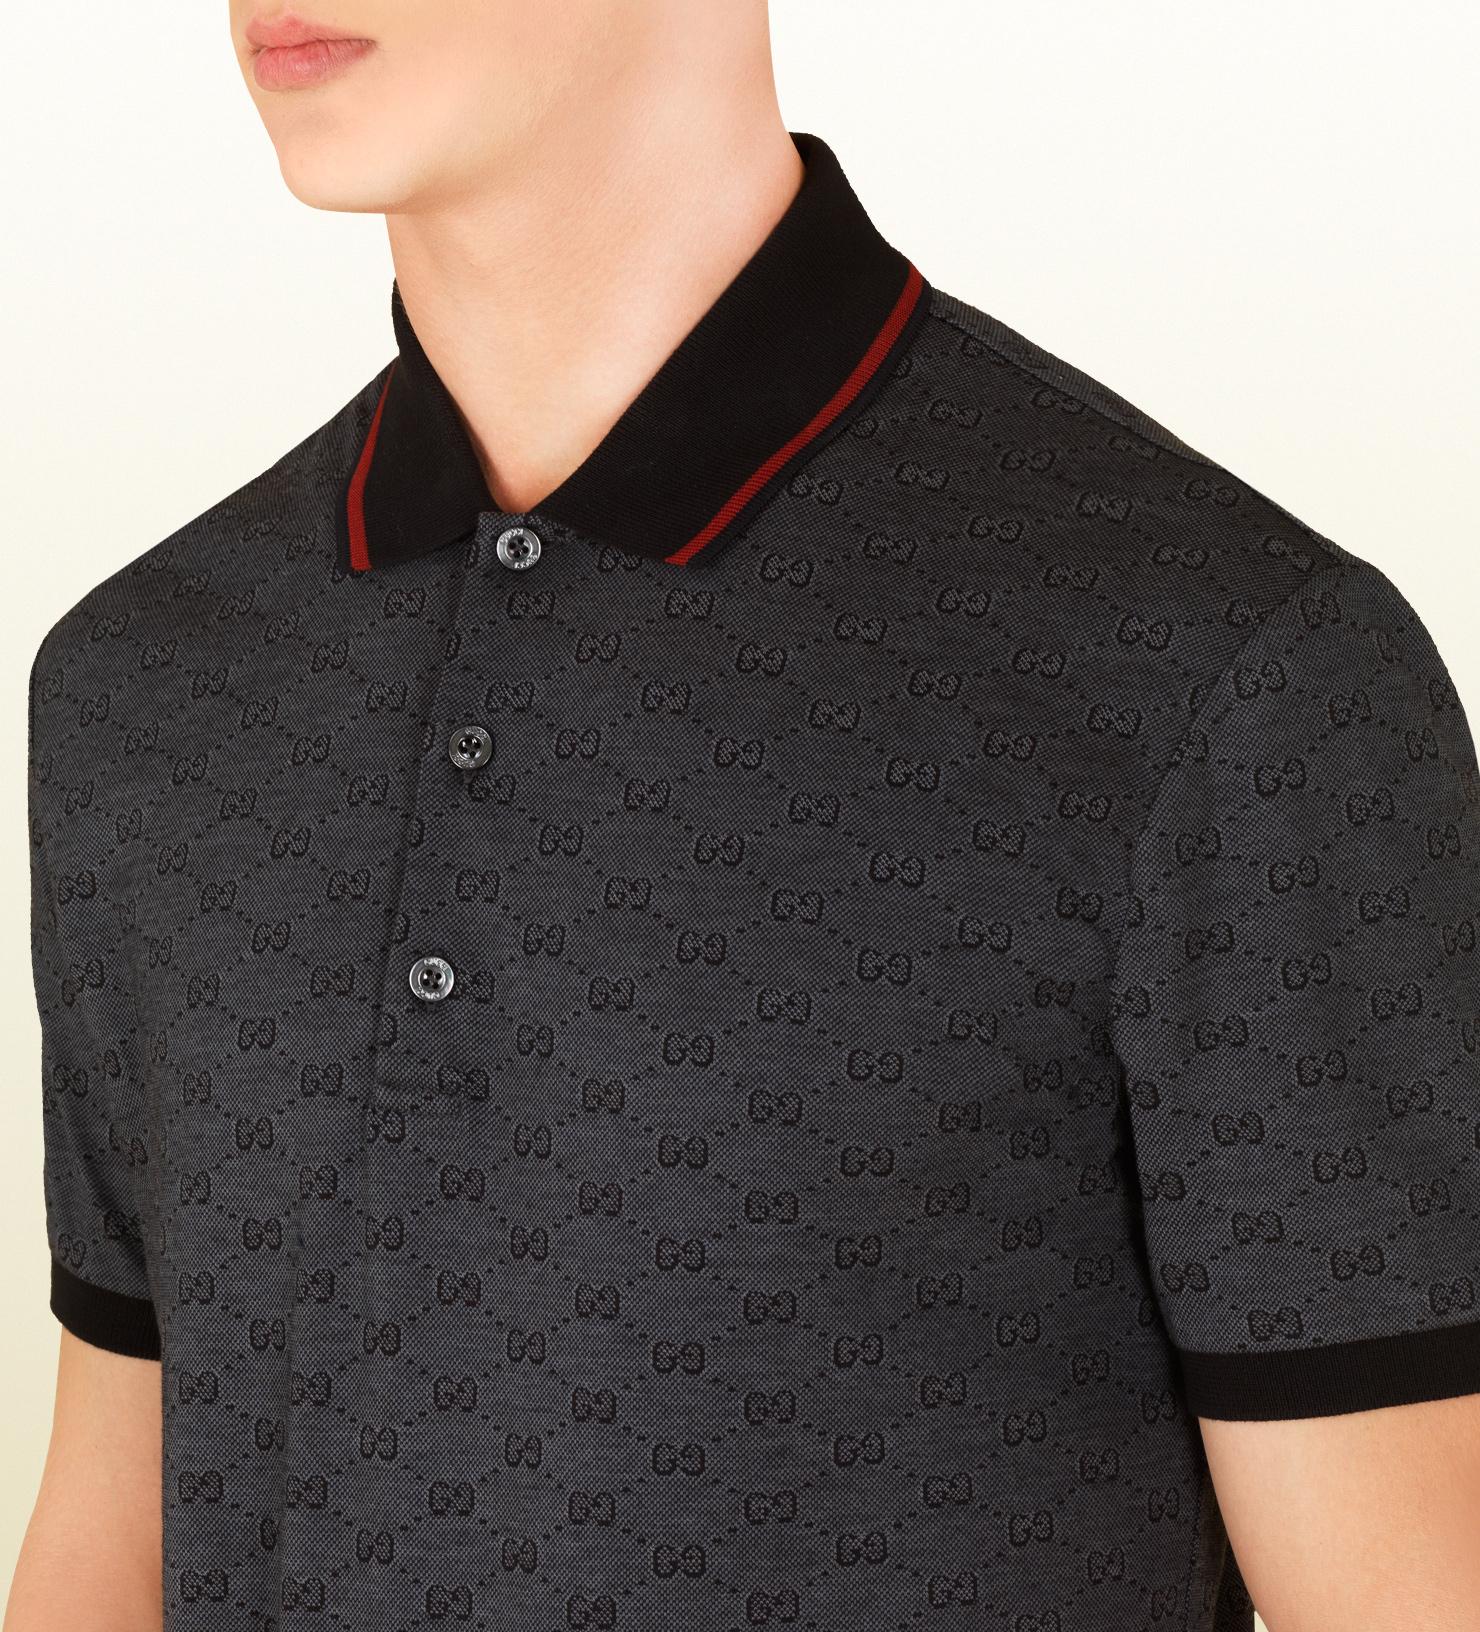 3376d65a919 Gucci Dark Grey Pique Gg Jacquard Short Sleeve Polo in Gray for Men ...